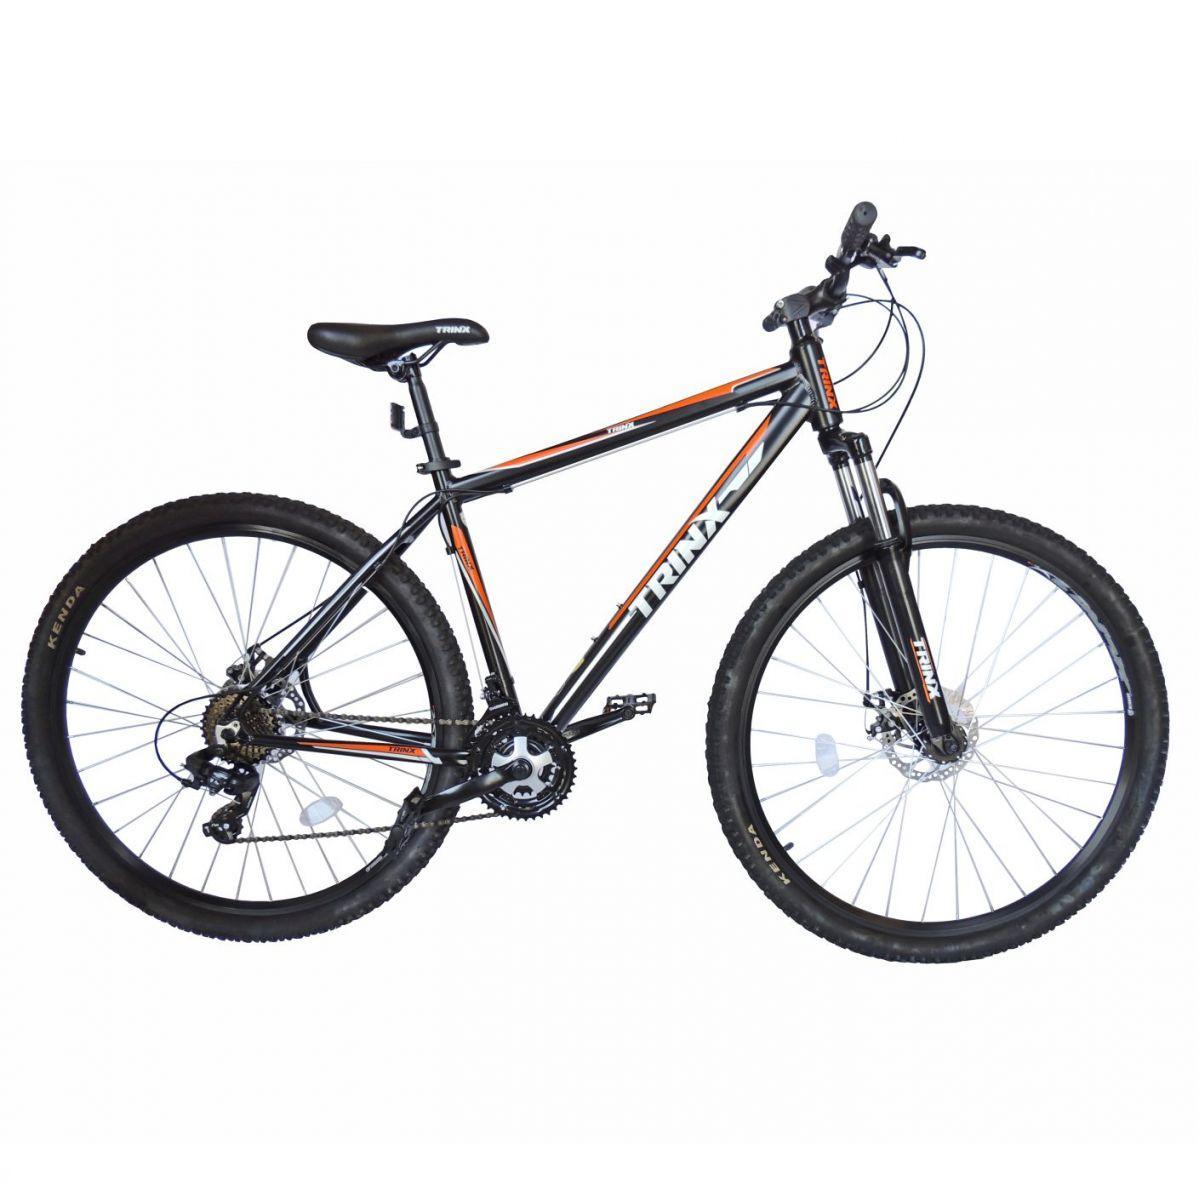 Resultado de imagem para bicicleta First aro 29 laranja e prata